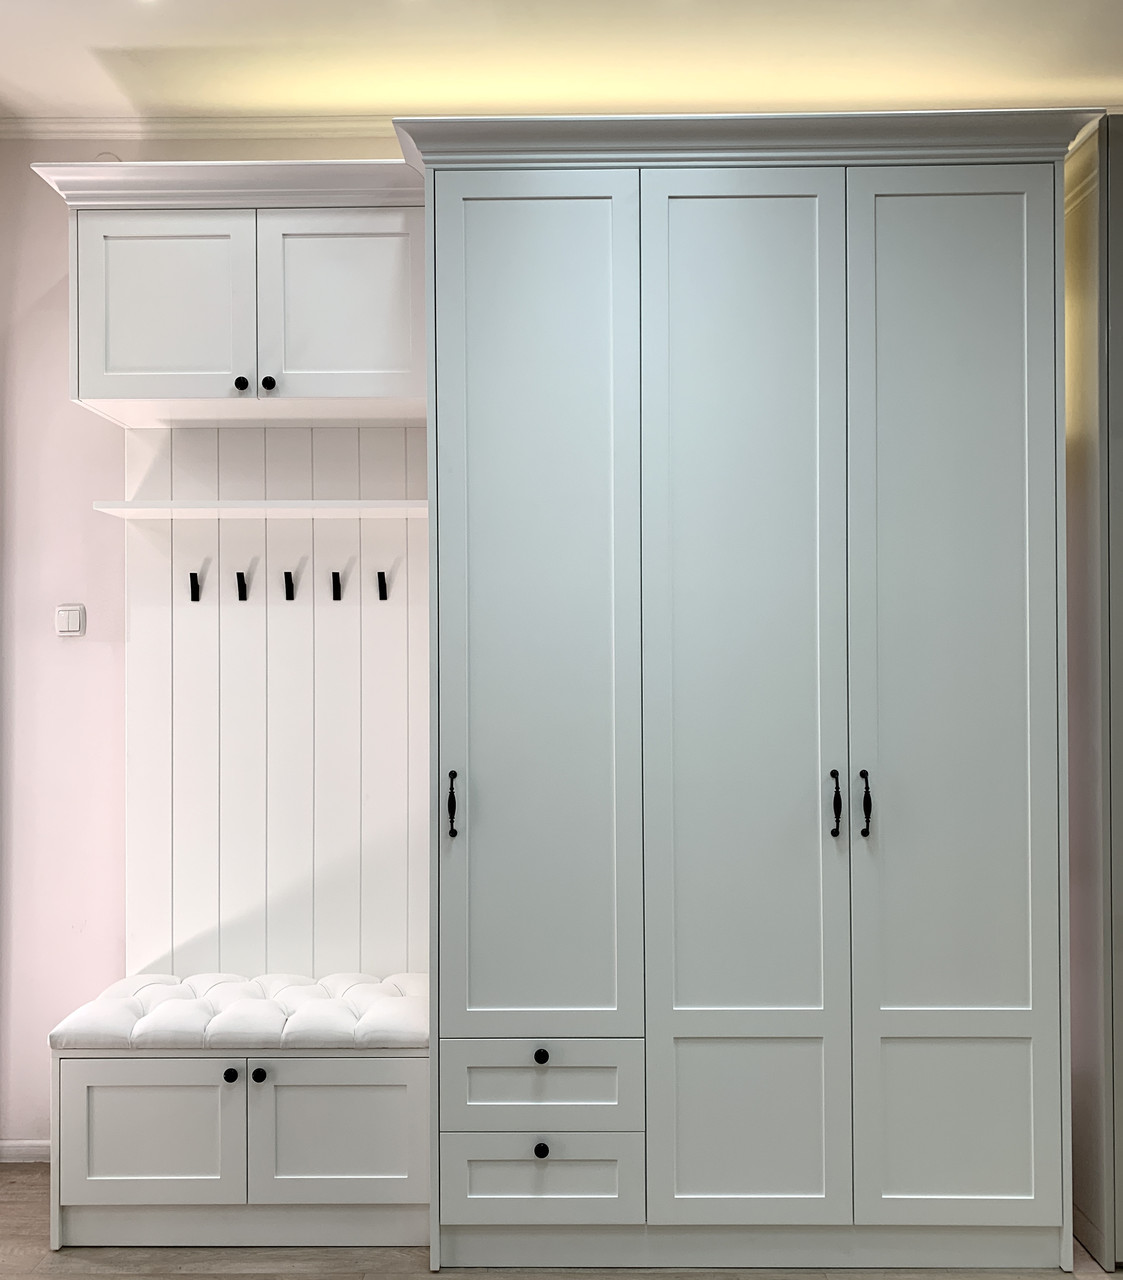 Прихожая белая с крючками и зеркалом внутри шкафа с мдф фасадами и карнизом